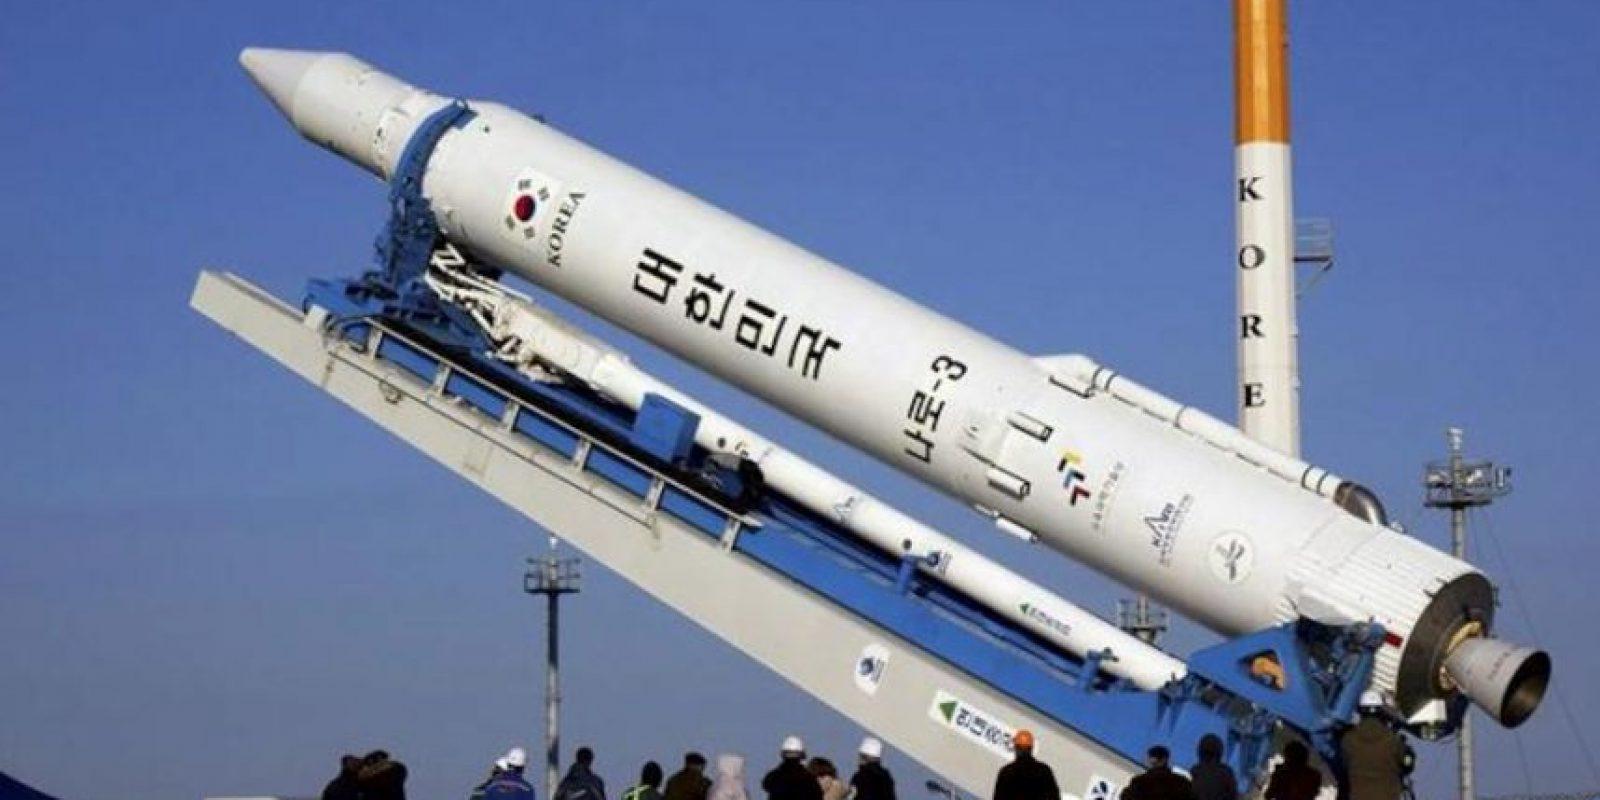 Imagen distribuida por el Instituto de Investigación Aeroespacial surcoreano hoy jueves 29 de noviembre de 2012 que muestra el cohete surcoreano Naro-1 (KSLV-1), en Goheung, Corea del Sur, ayer. El lanzamiento del Naro-1 (KSLV-1) ha sido pospuesto. EFE